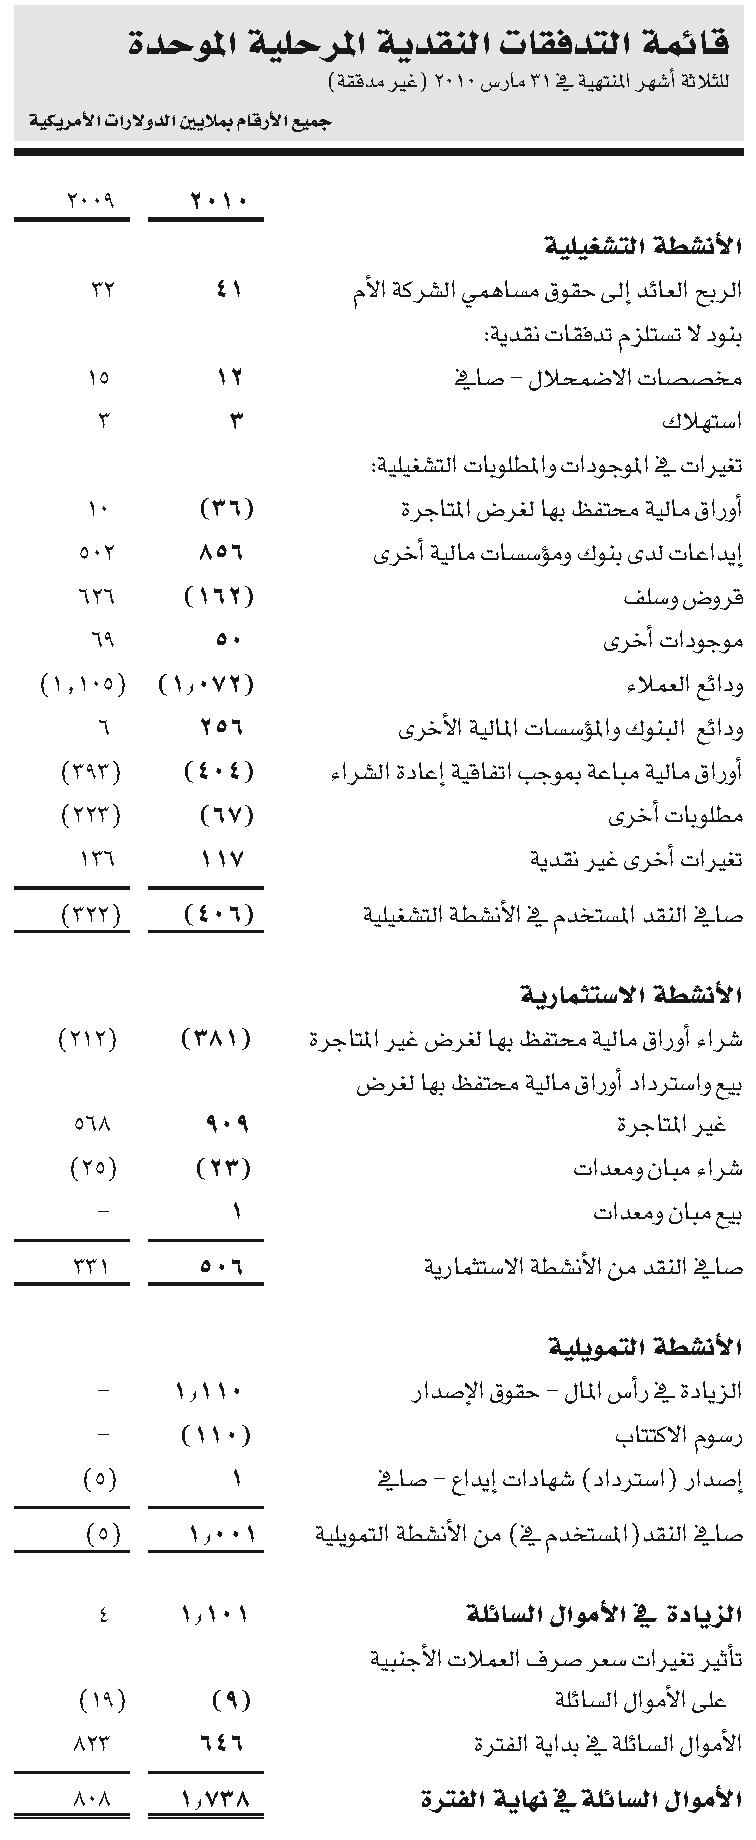 قائمة التدفقات النقدية